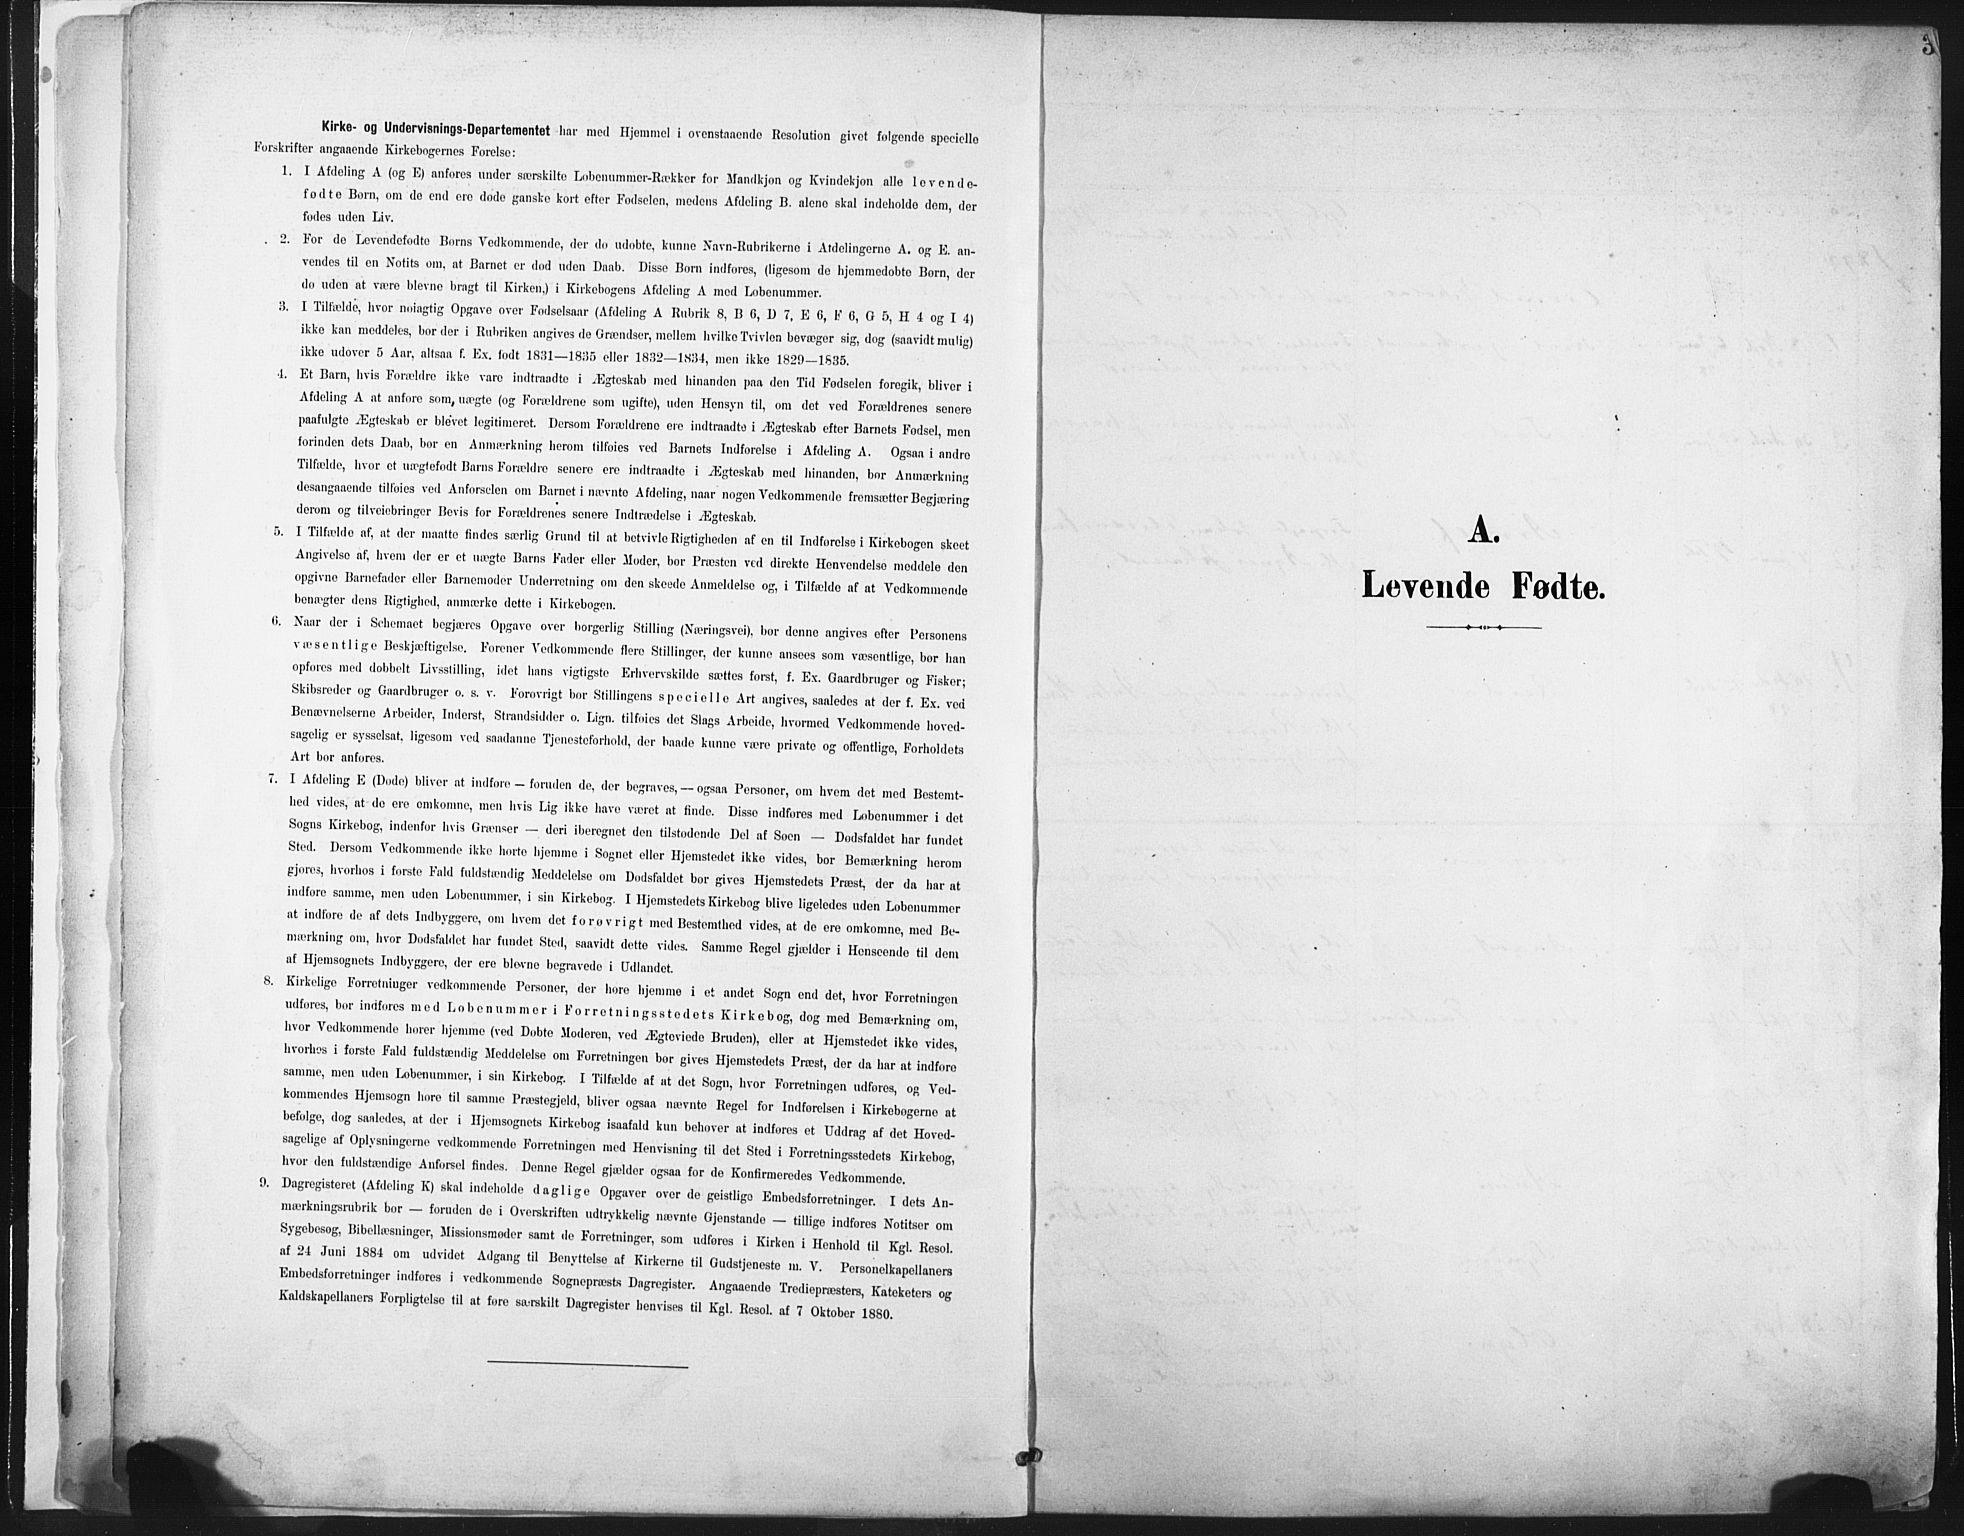 SAT, Ministerialprotokoller, klokkerbøker og fødselsregistre - Nord-Trøndelag, 717/L0162: Ministerialbok nr. 717A12, 1898-1923, s. 3